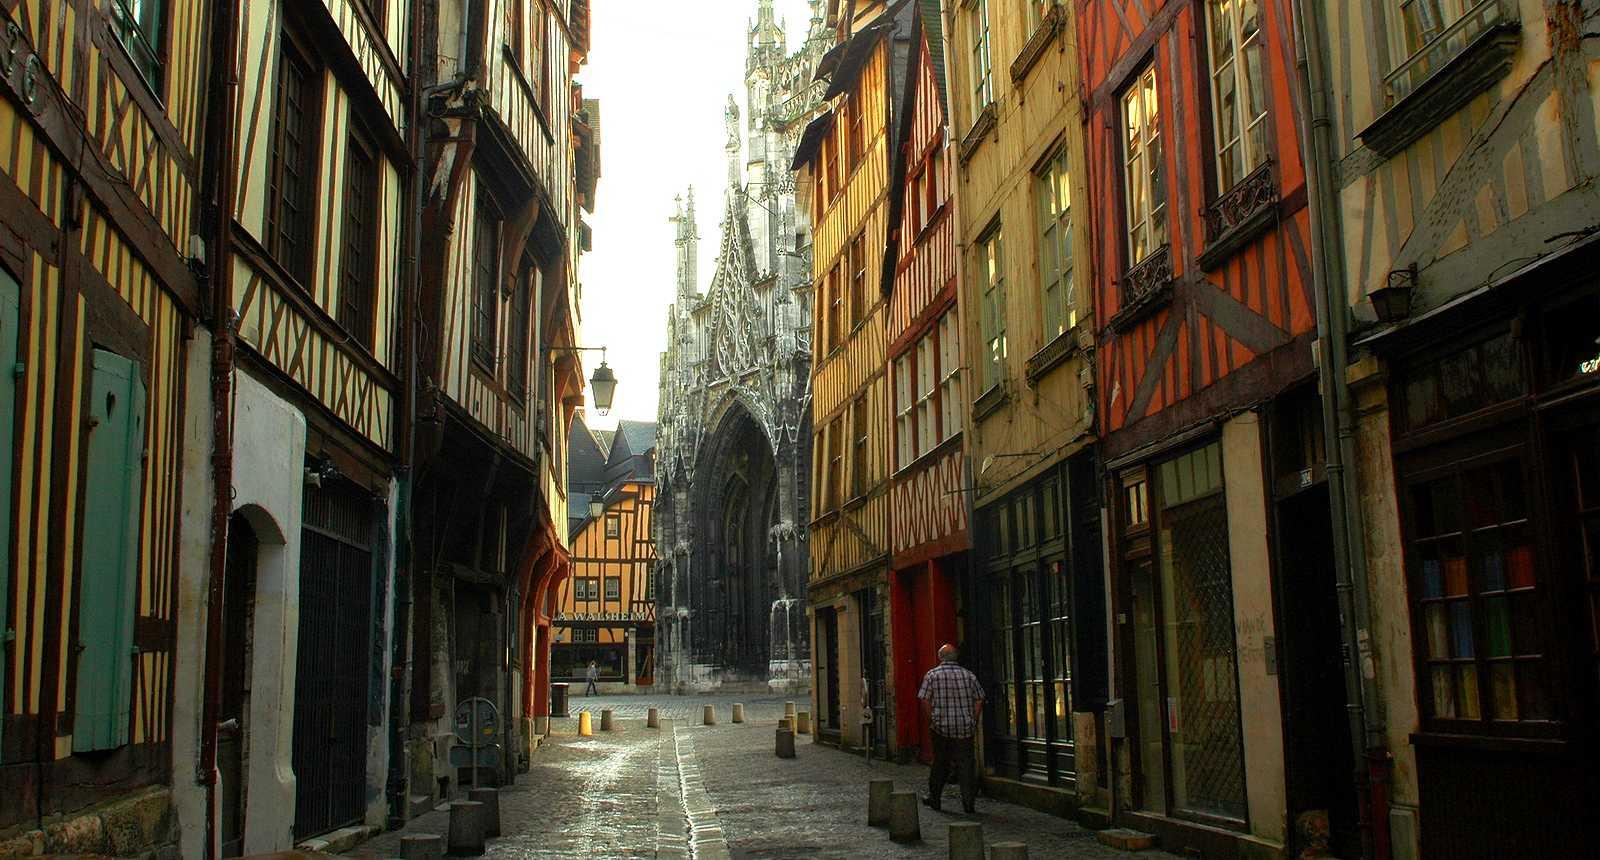 Aperçu de l'Eglise Saint-Maclou, rue Damiette à Rouen